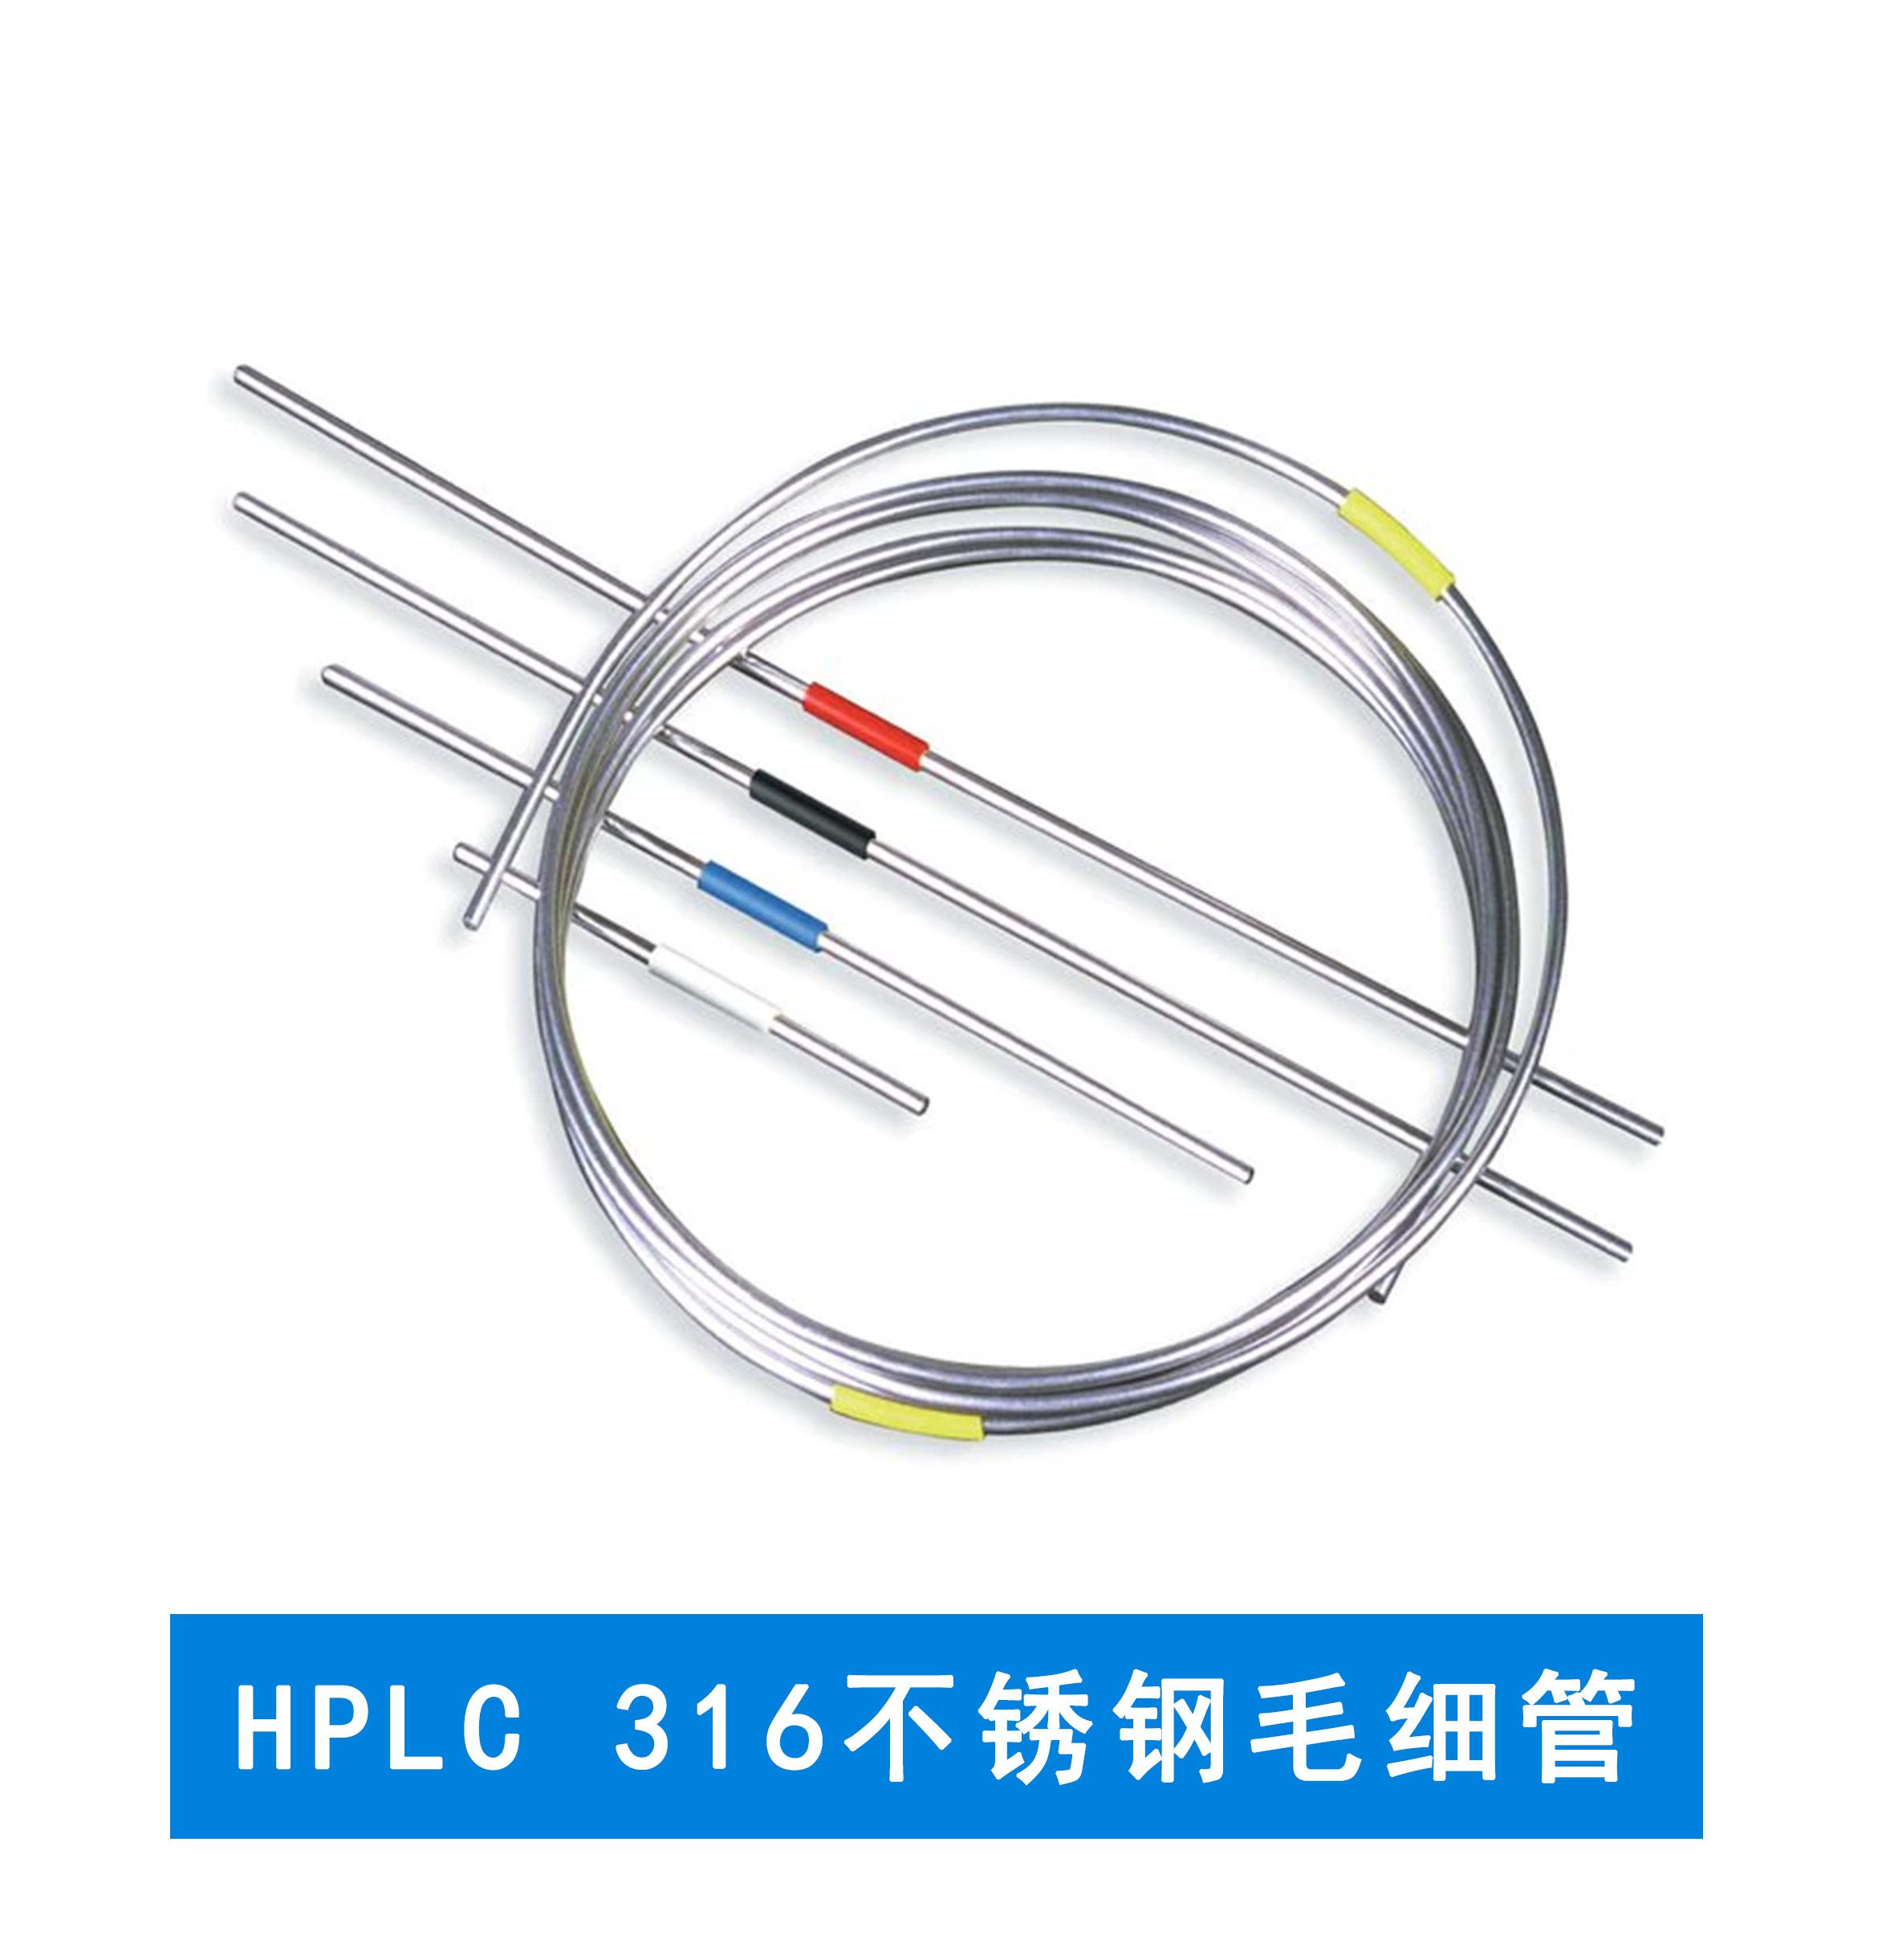 赛默飞  HPLC 316不锈钢毛细管 5 英尺盘管